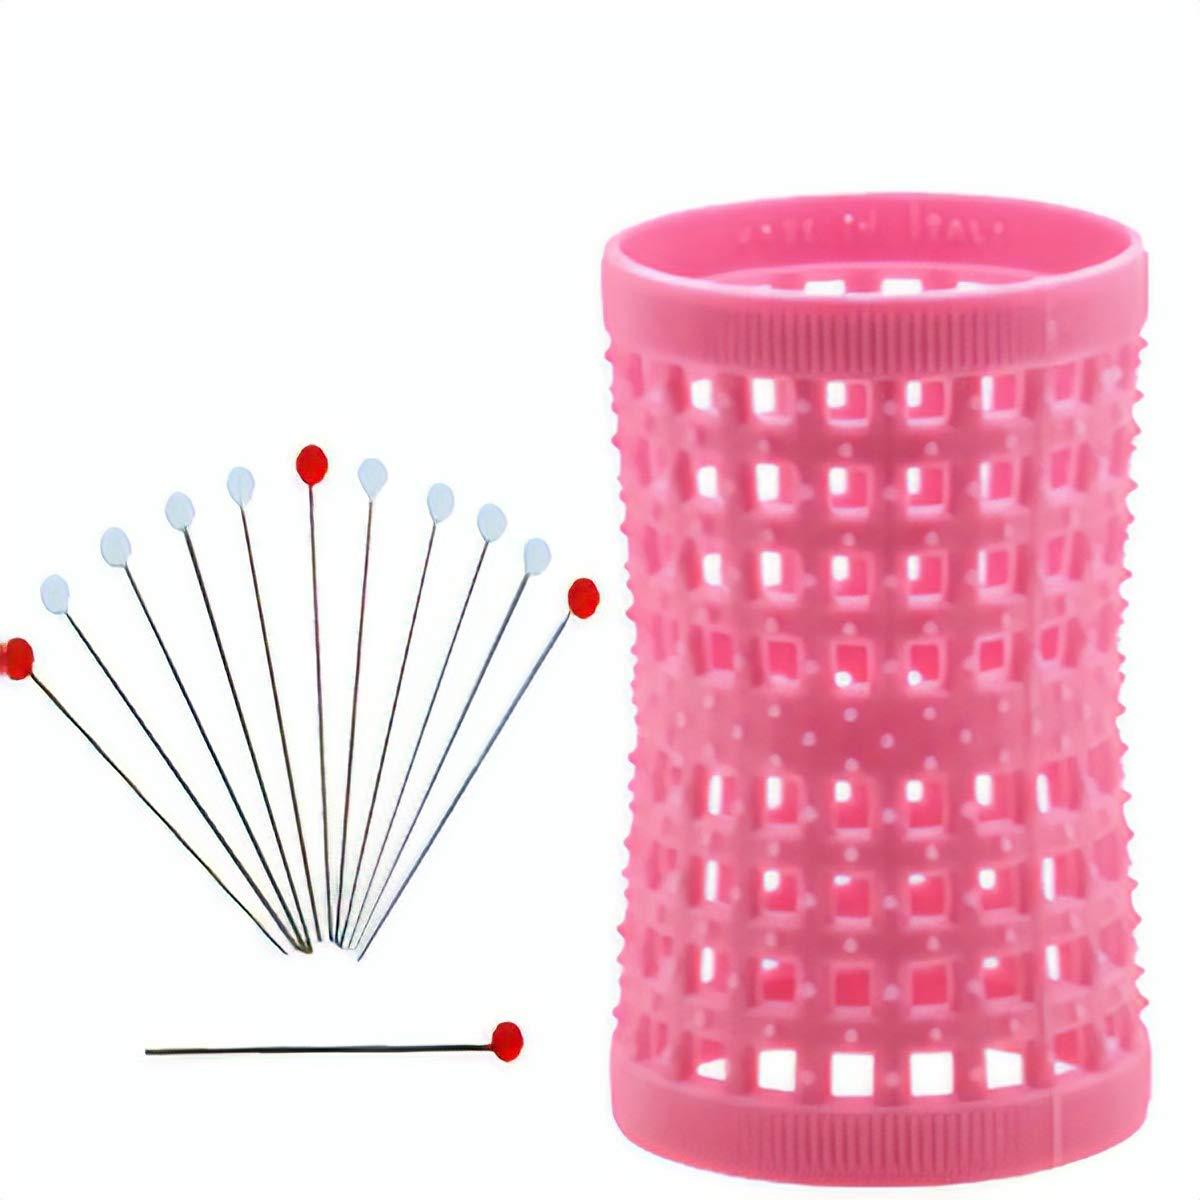 12 Metal Rollers Pins + Pink HGR 42mm/1.65in - Pack of 12